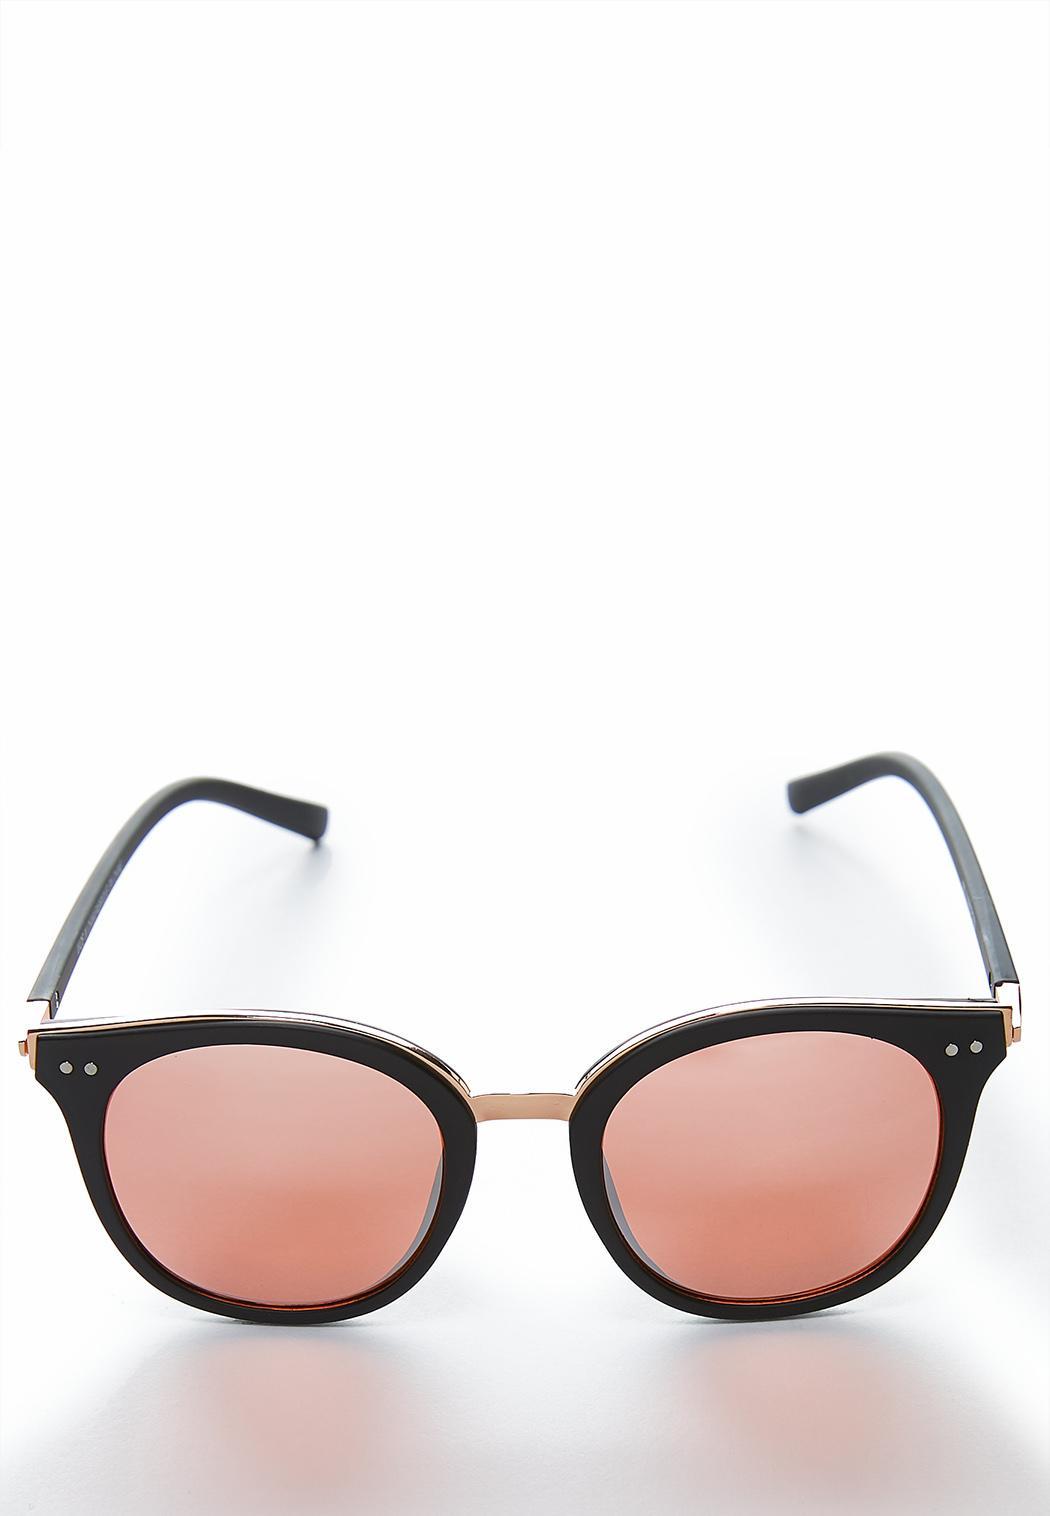 b724626f62 Black Matte Mirrored Sunglasses Sunglasses Cato Fashions